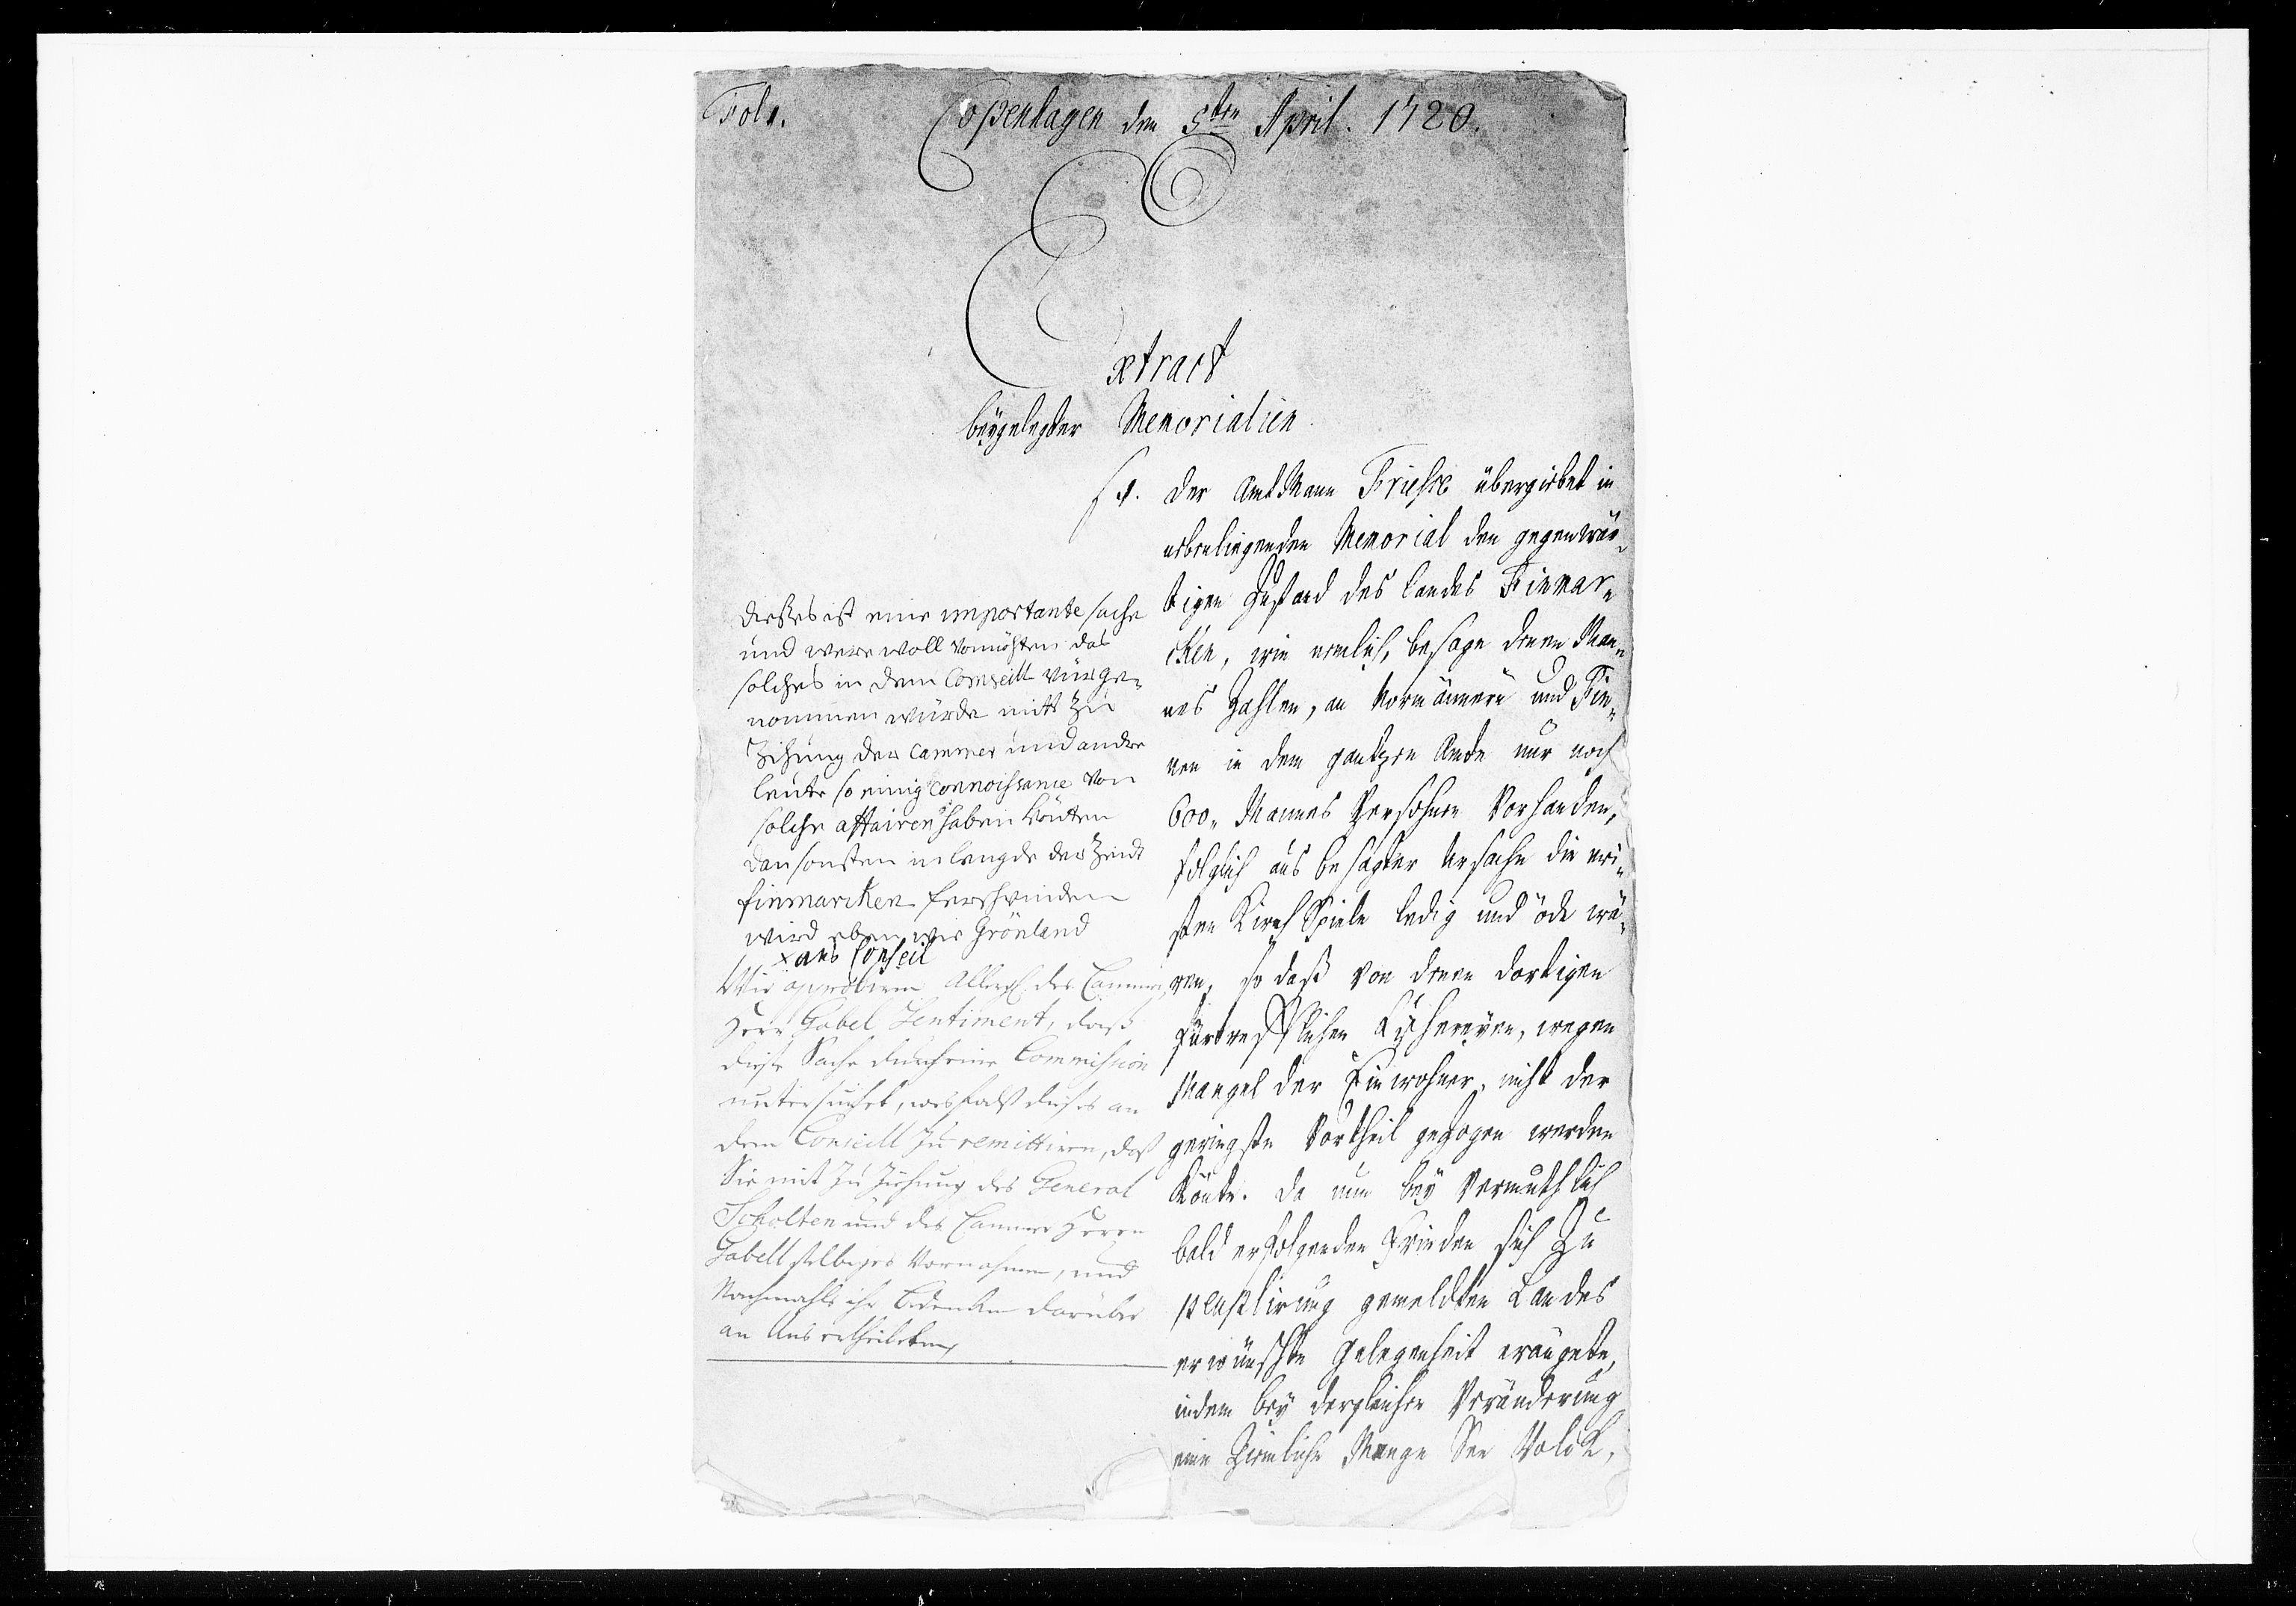 DRA, Krigskollegiet, Krigskancelliet, -/1057-1060: Refererede sager, 1720, s. 97